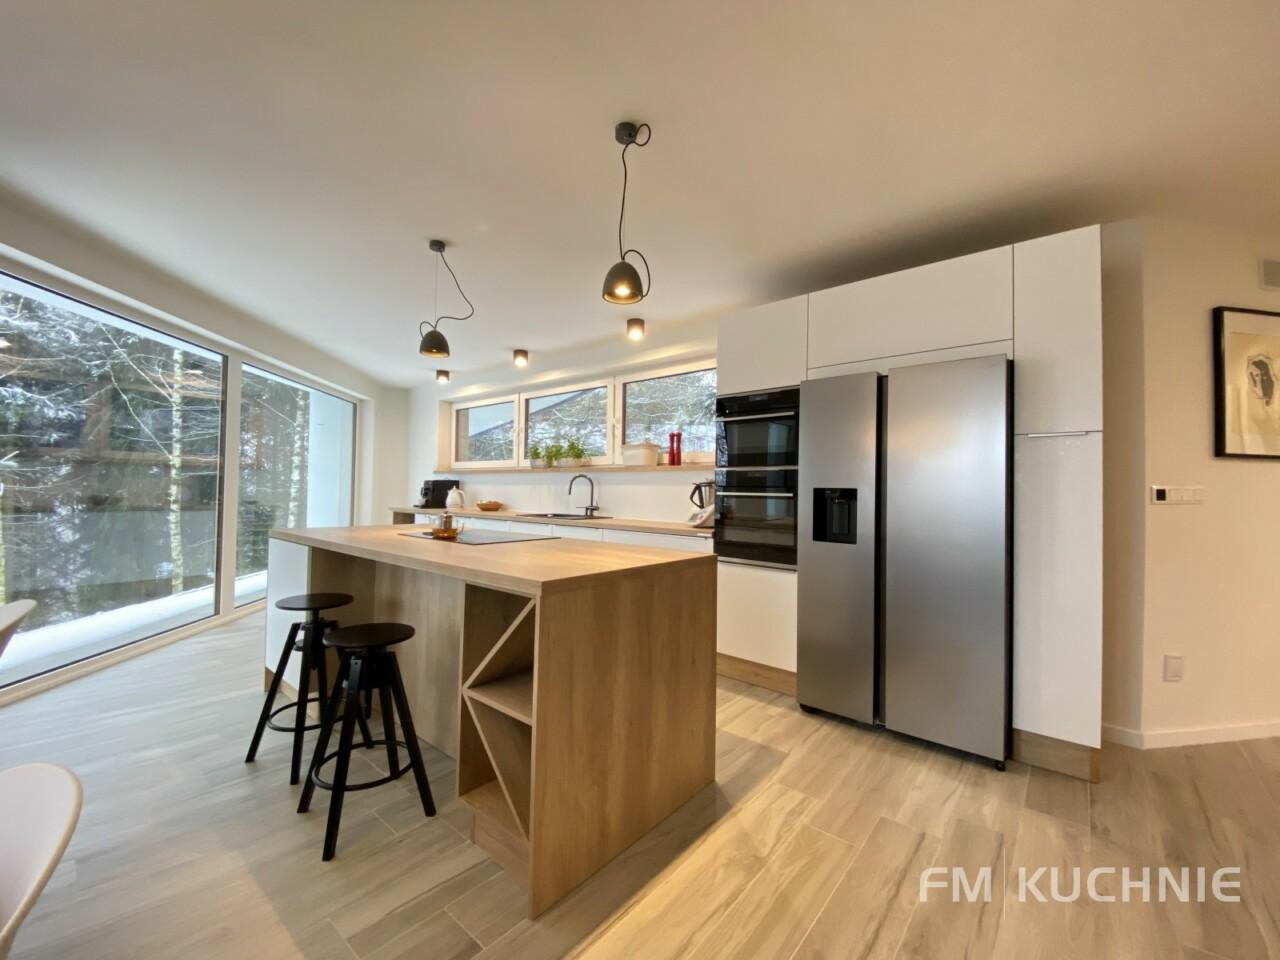 Meble kuchenne na wymiar WFM Calma M101 z frontem lakierowanym na mat, płyta mdf kolor biały ze stalowymi uchwytami krawędziowymi -1- FM KUCHNIE Kraków